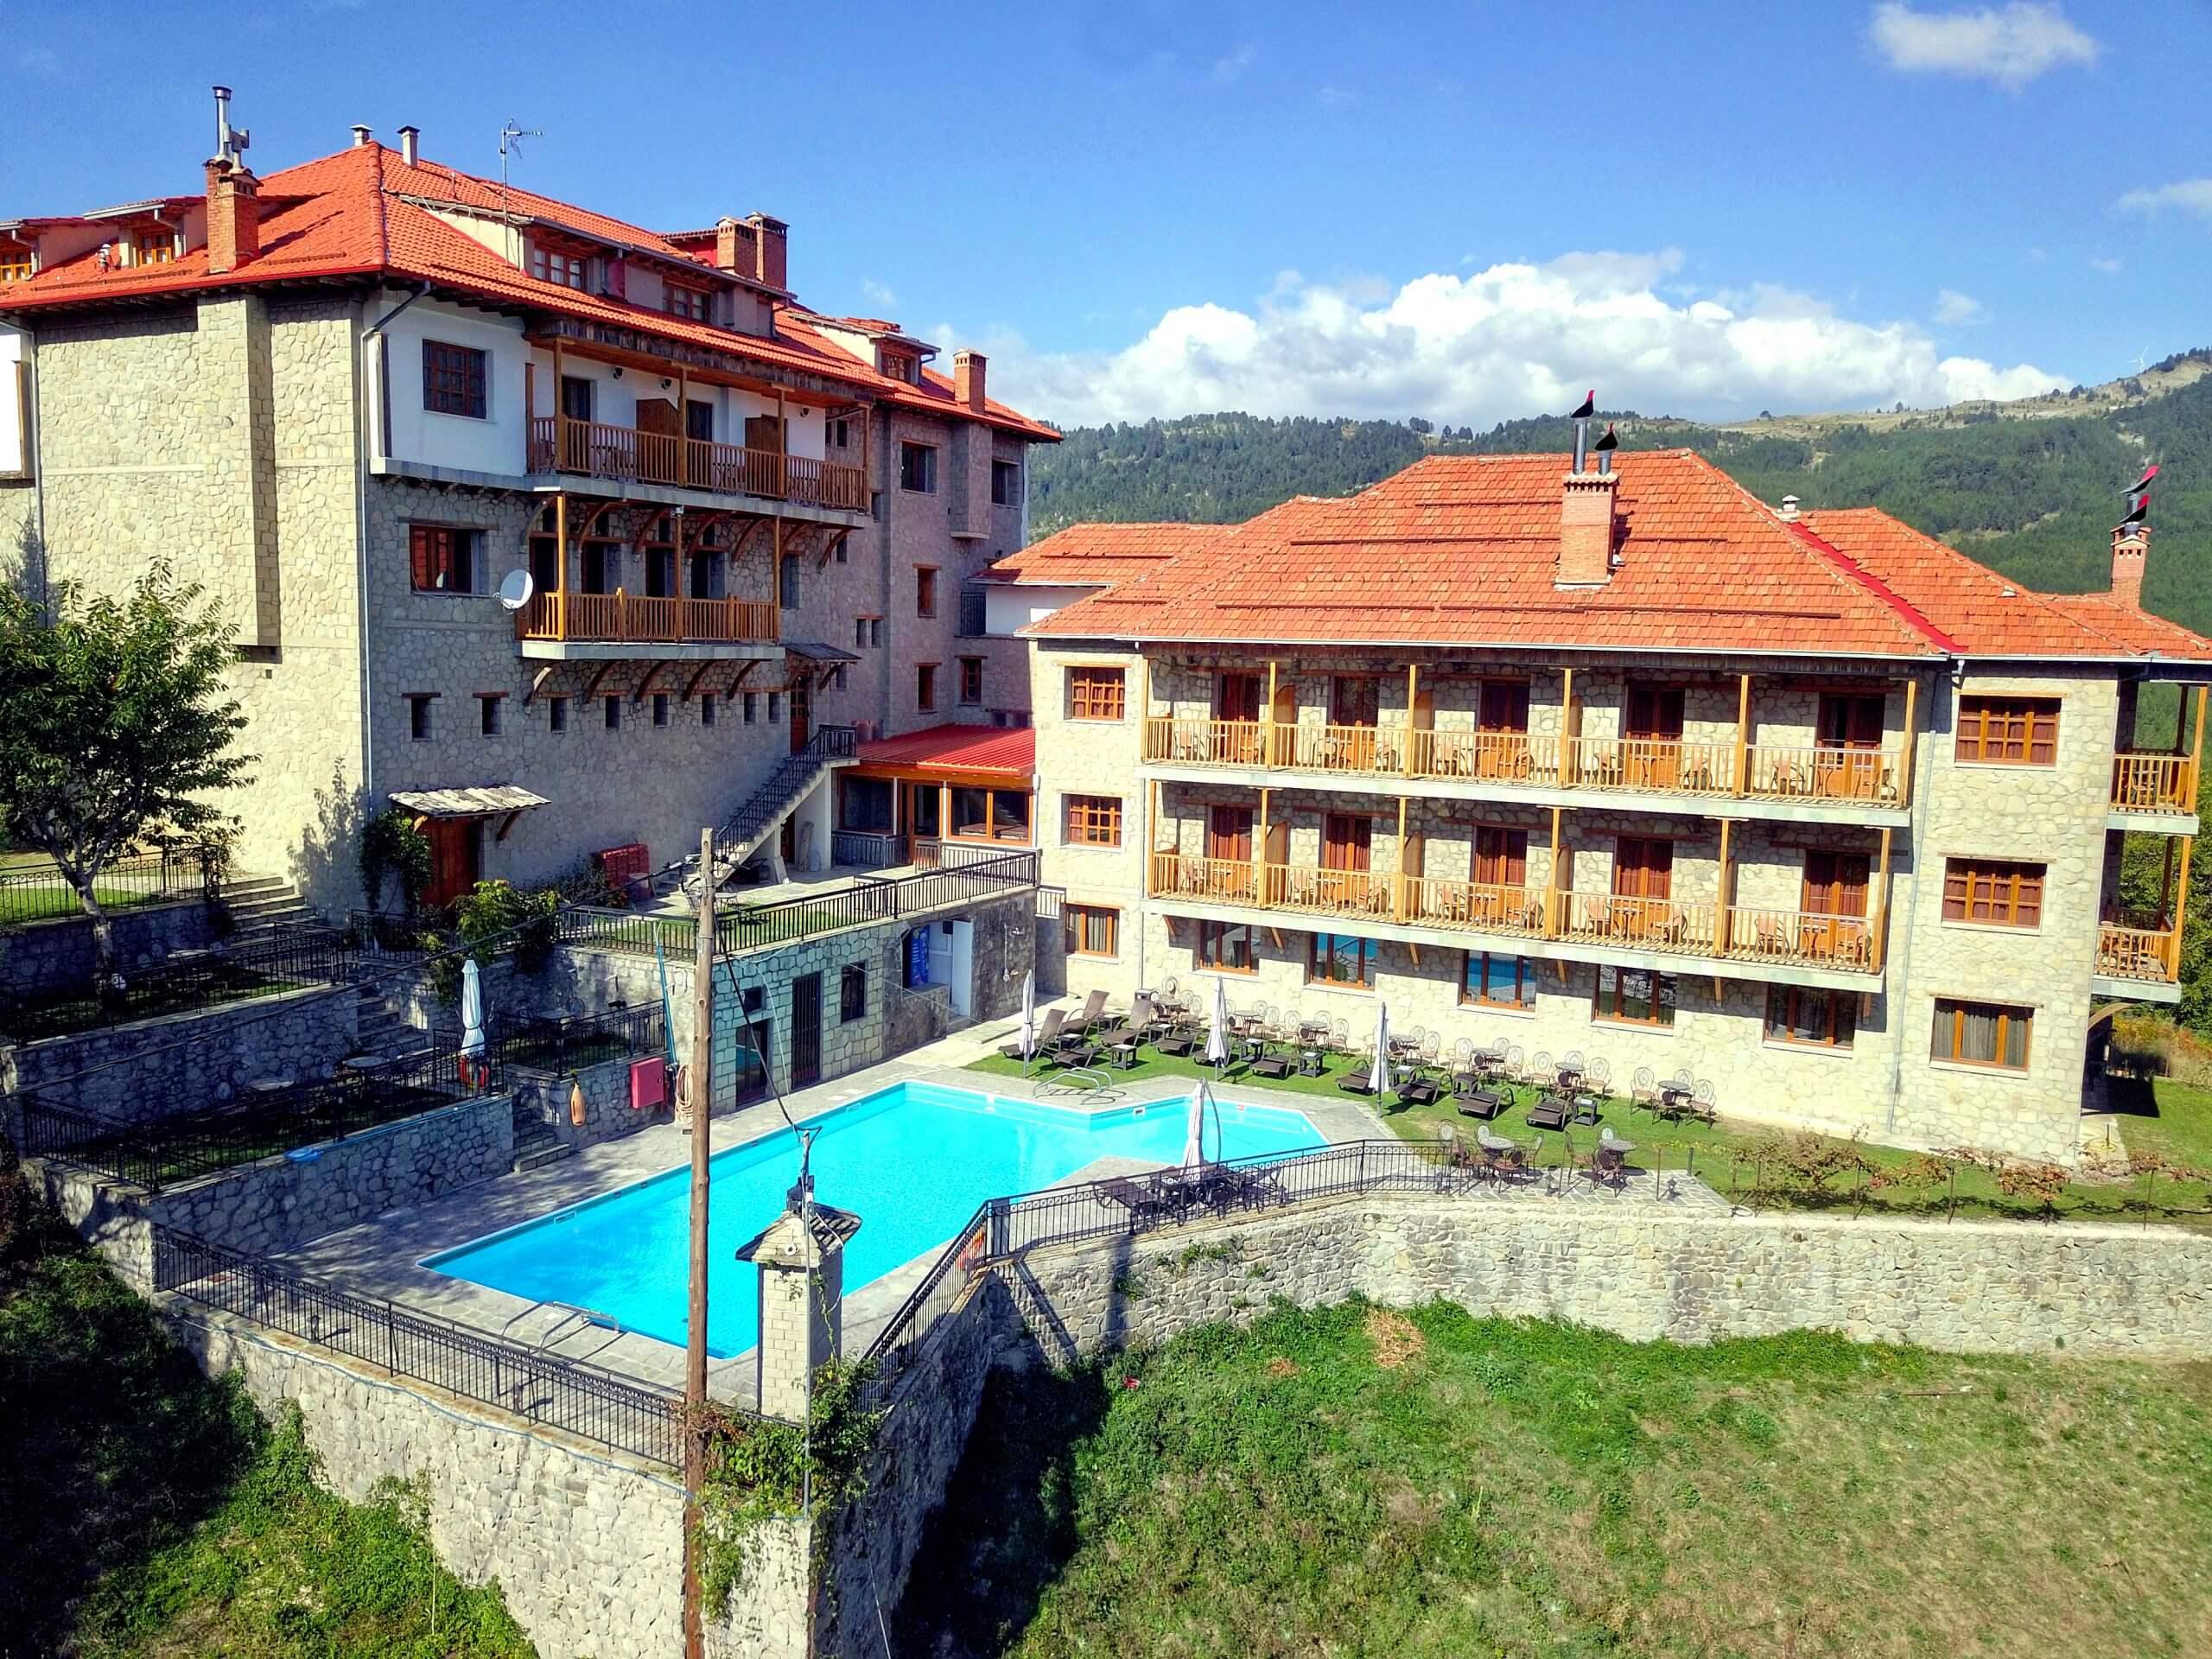 Victoria Hotel Πισίνα Μέτσοβο Θέα Βουνό